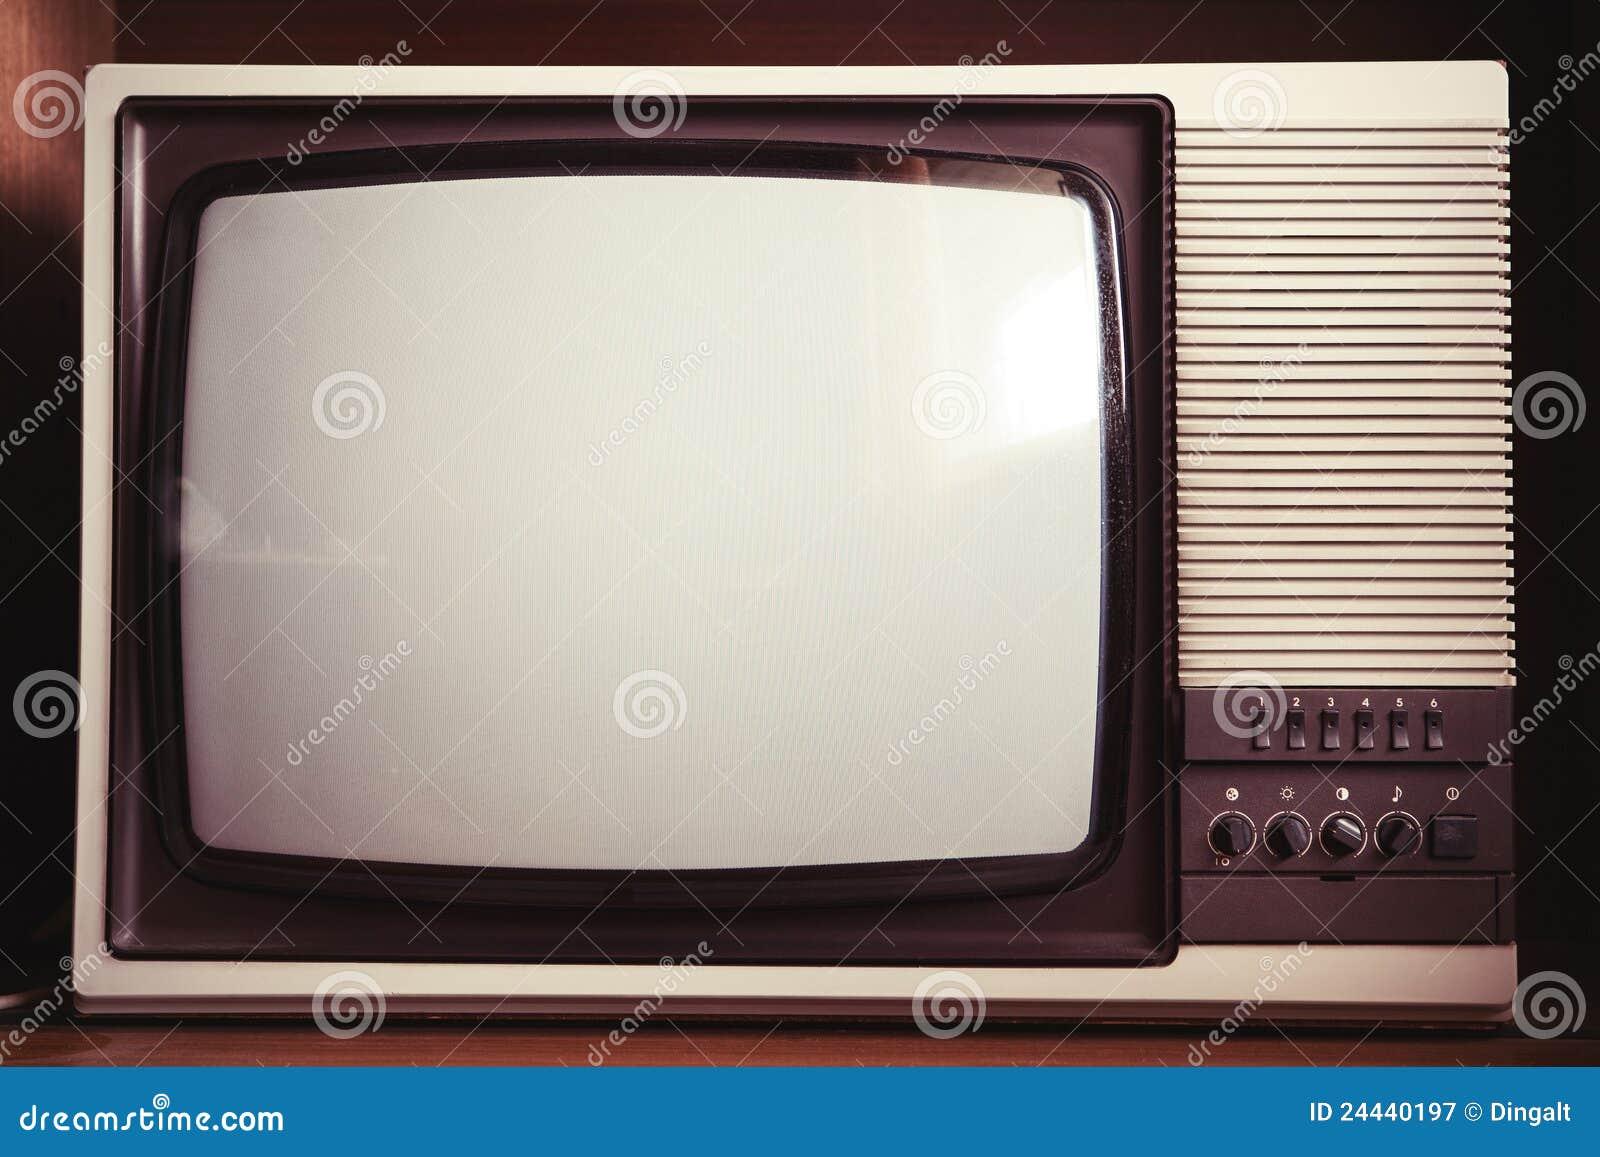 Closeup of old tv set stock image image of dirty retro 24440197 - De rechterhoek tv ...